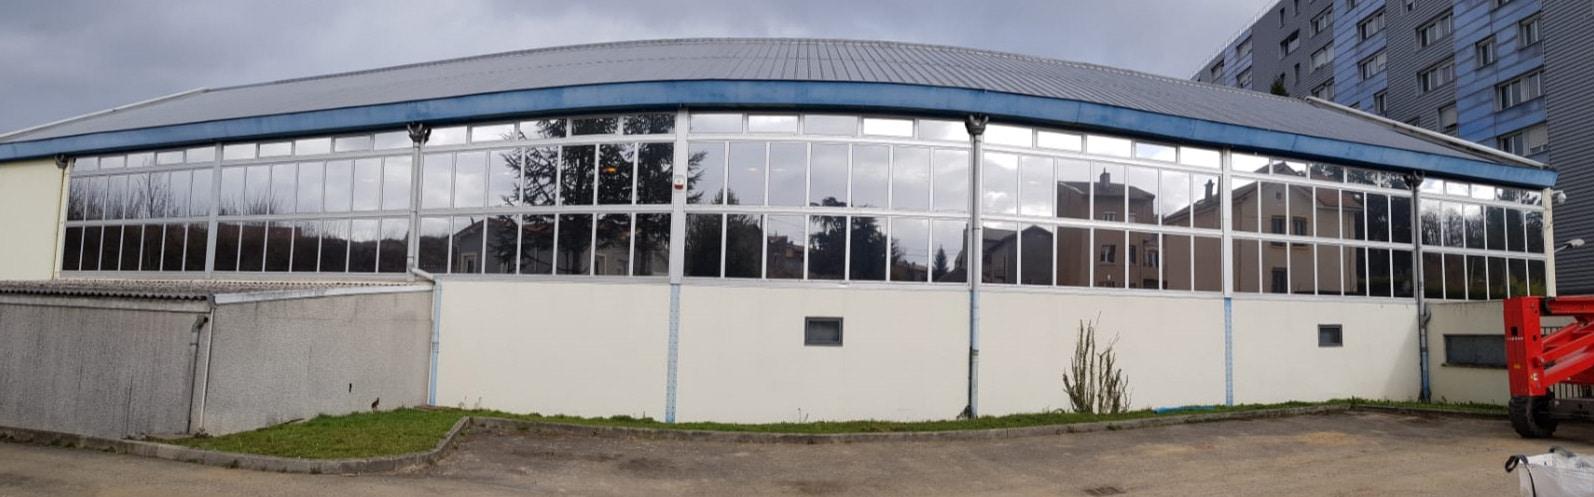 Silver 20 OSW, film solaire extérieur, Confort Glass Bâtiment, Caluire, Lyon, film solaire